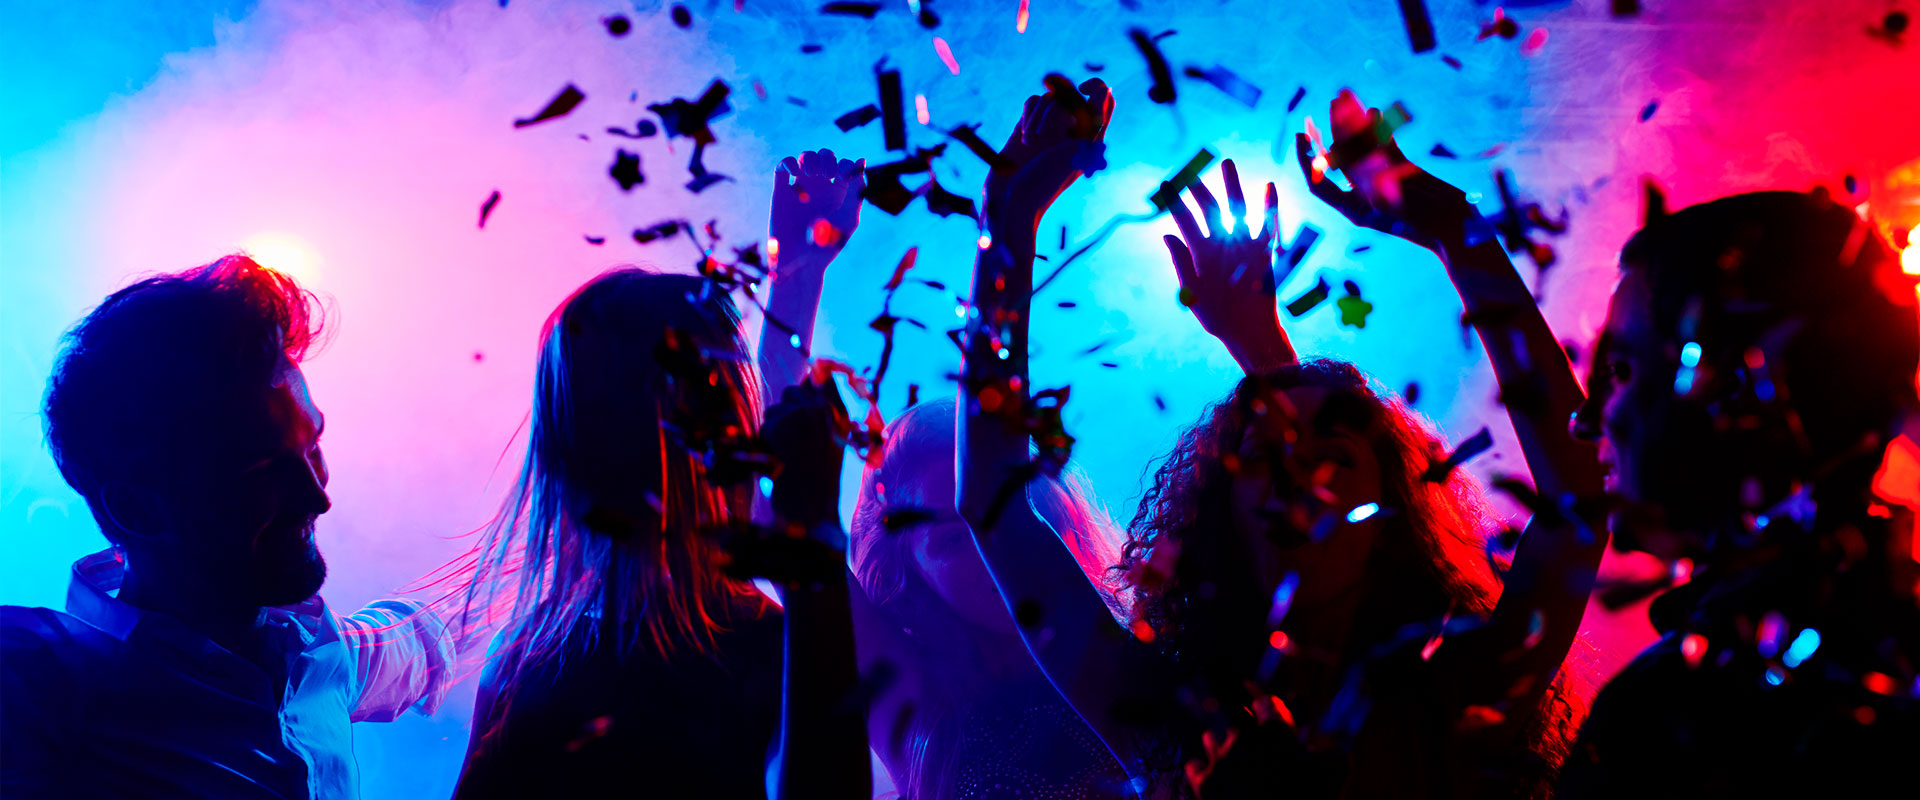 Personas en una fiesta de Halloween iluminada con Startastic.